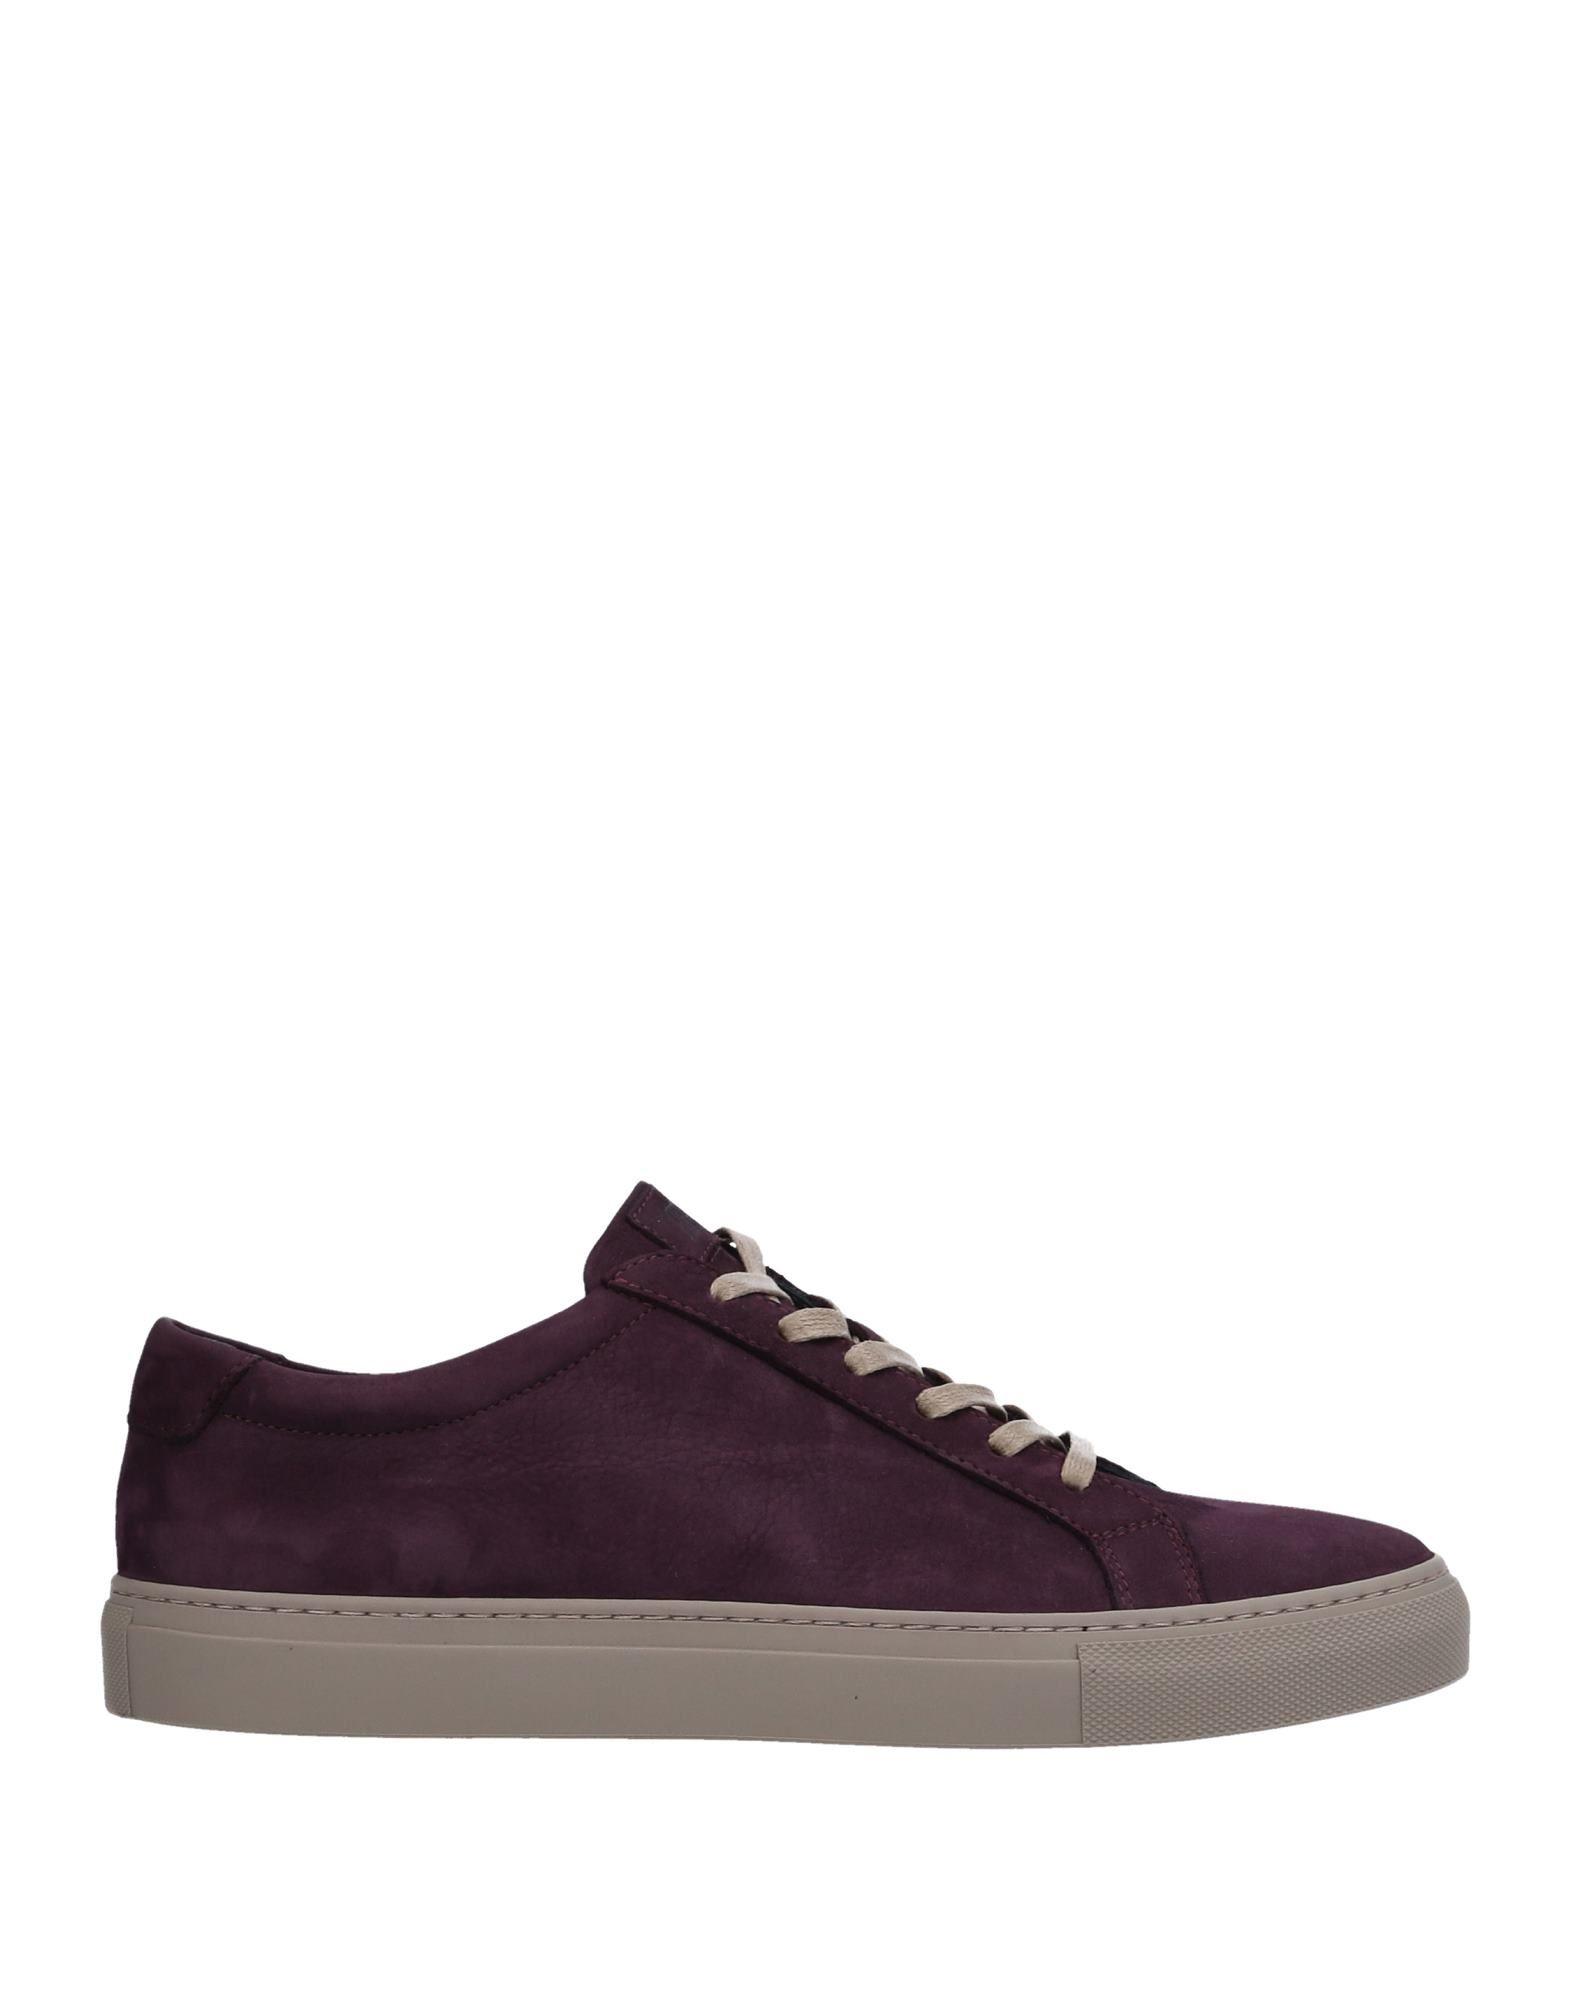 Rabatt echte Schuhe Fabiano Ricci Sneakers Herren  11508878OJ